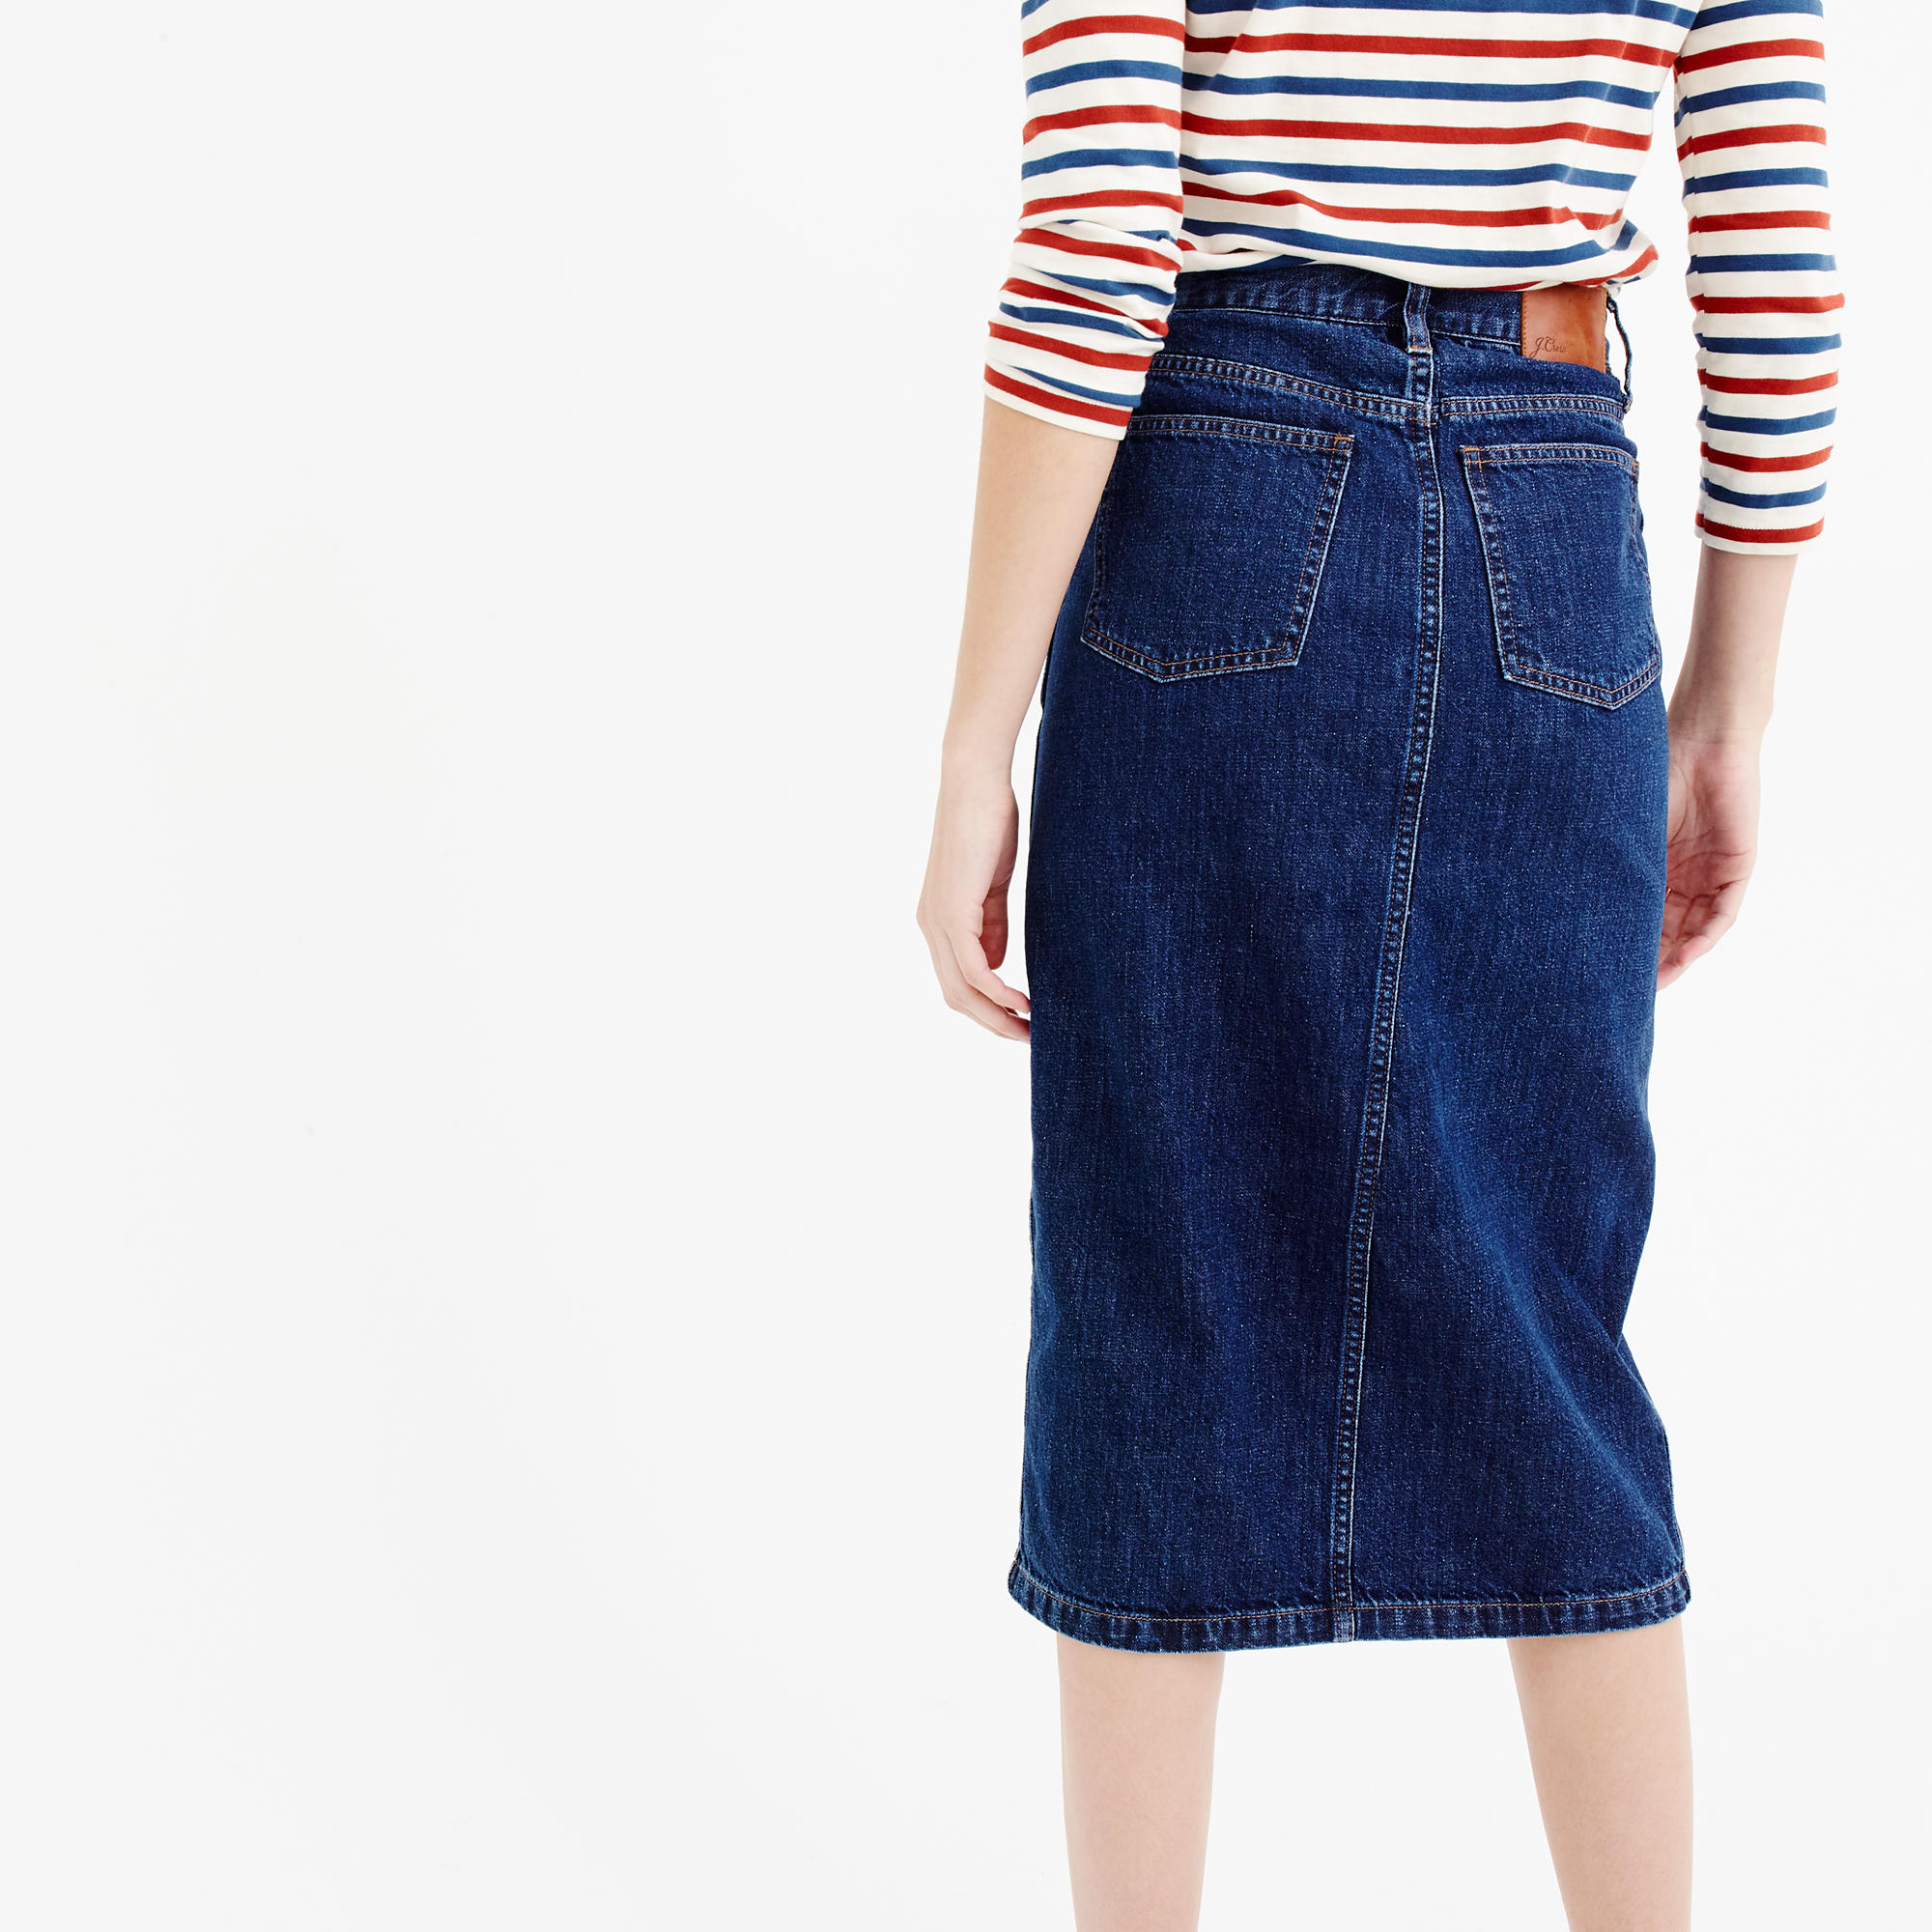 Denim front-slit skirt : Women denim | J.Crew